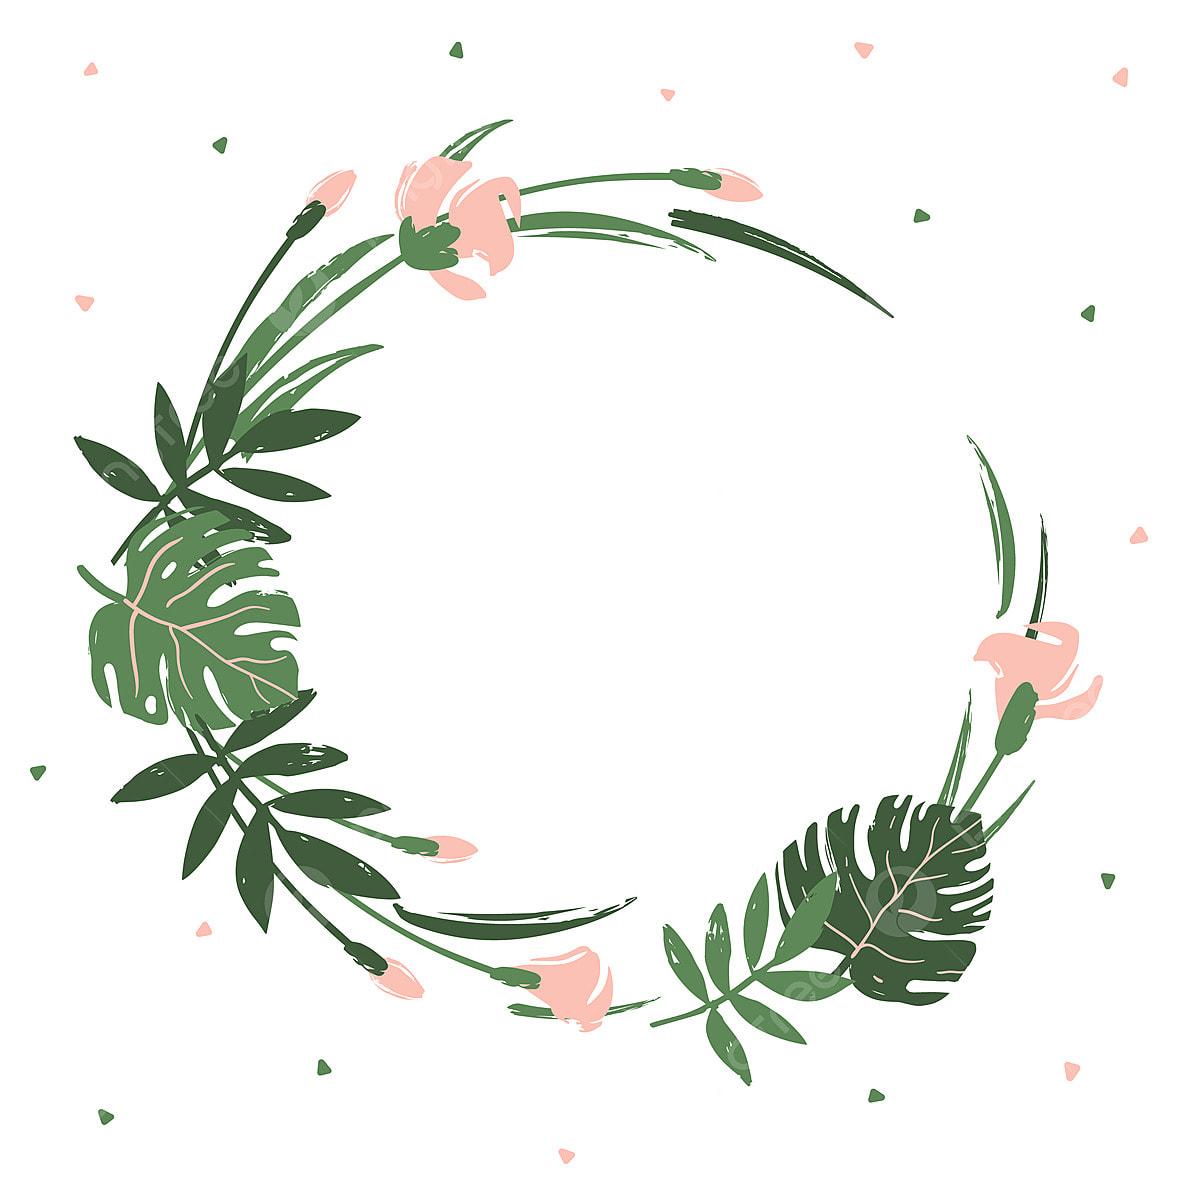 Quadro Redondo De Folhas E Flores Tropicais Arte Fundo